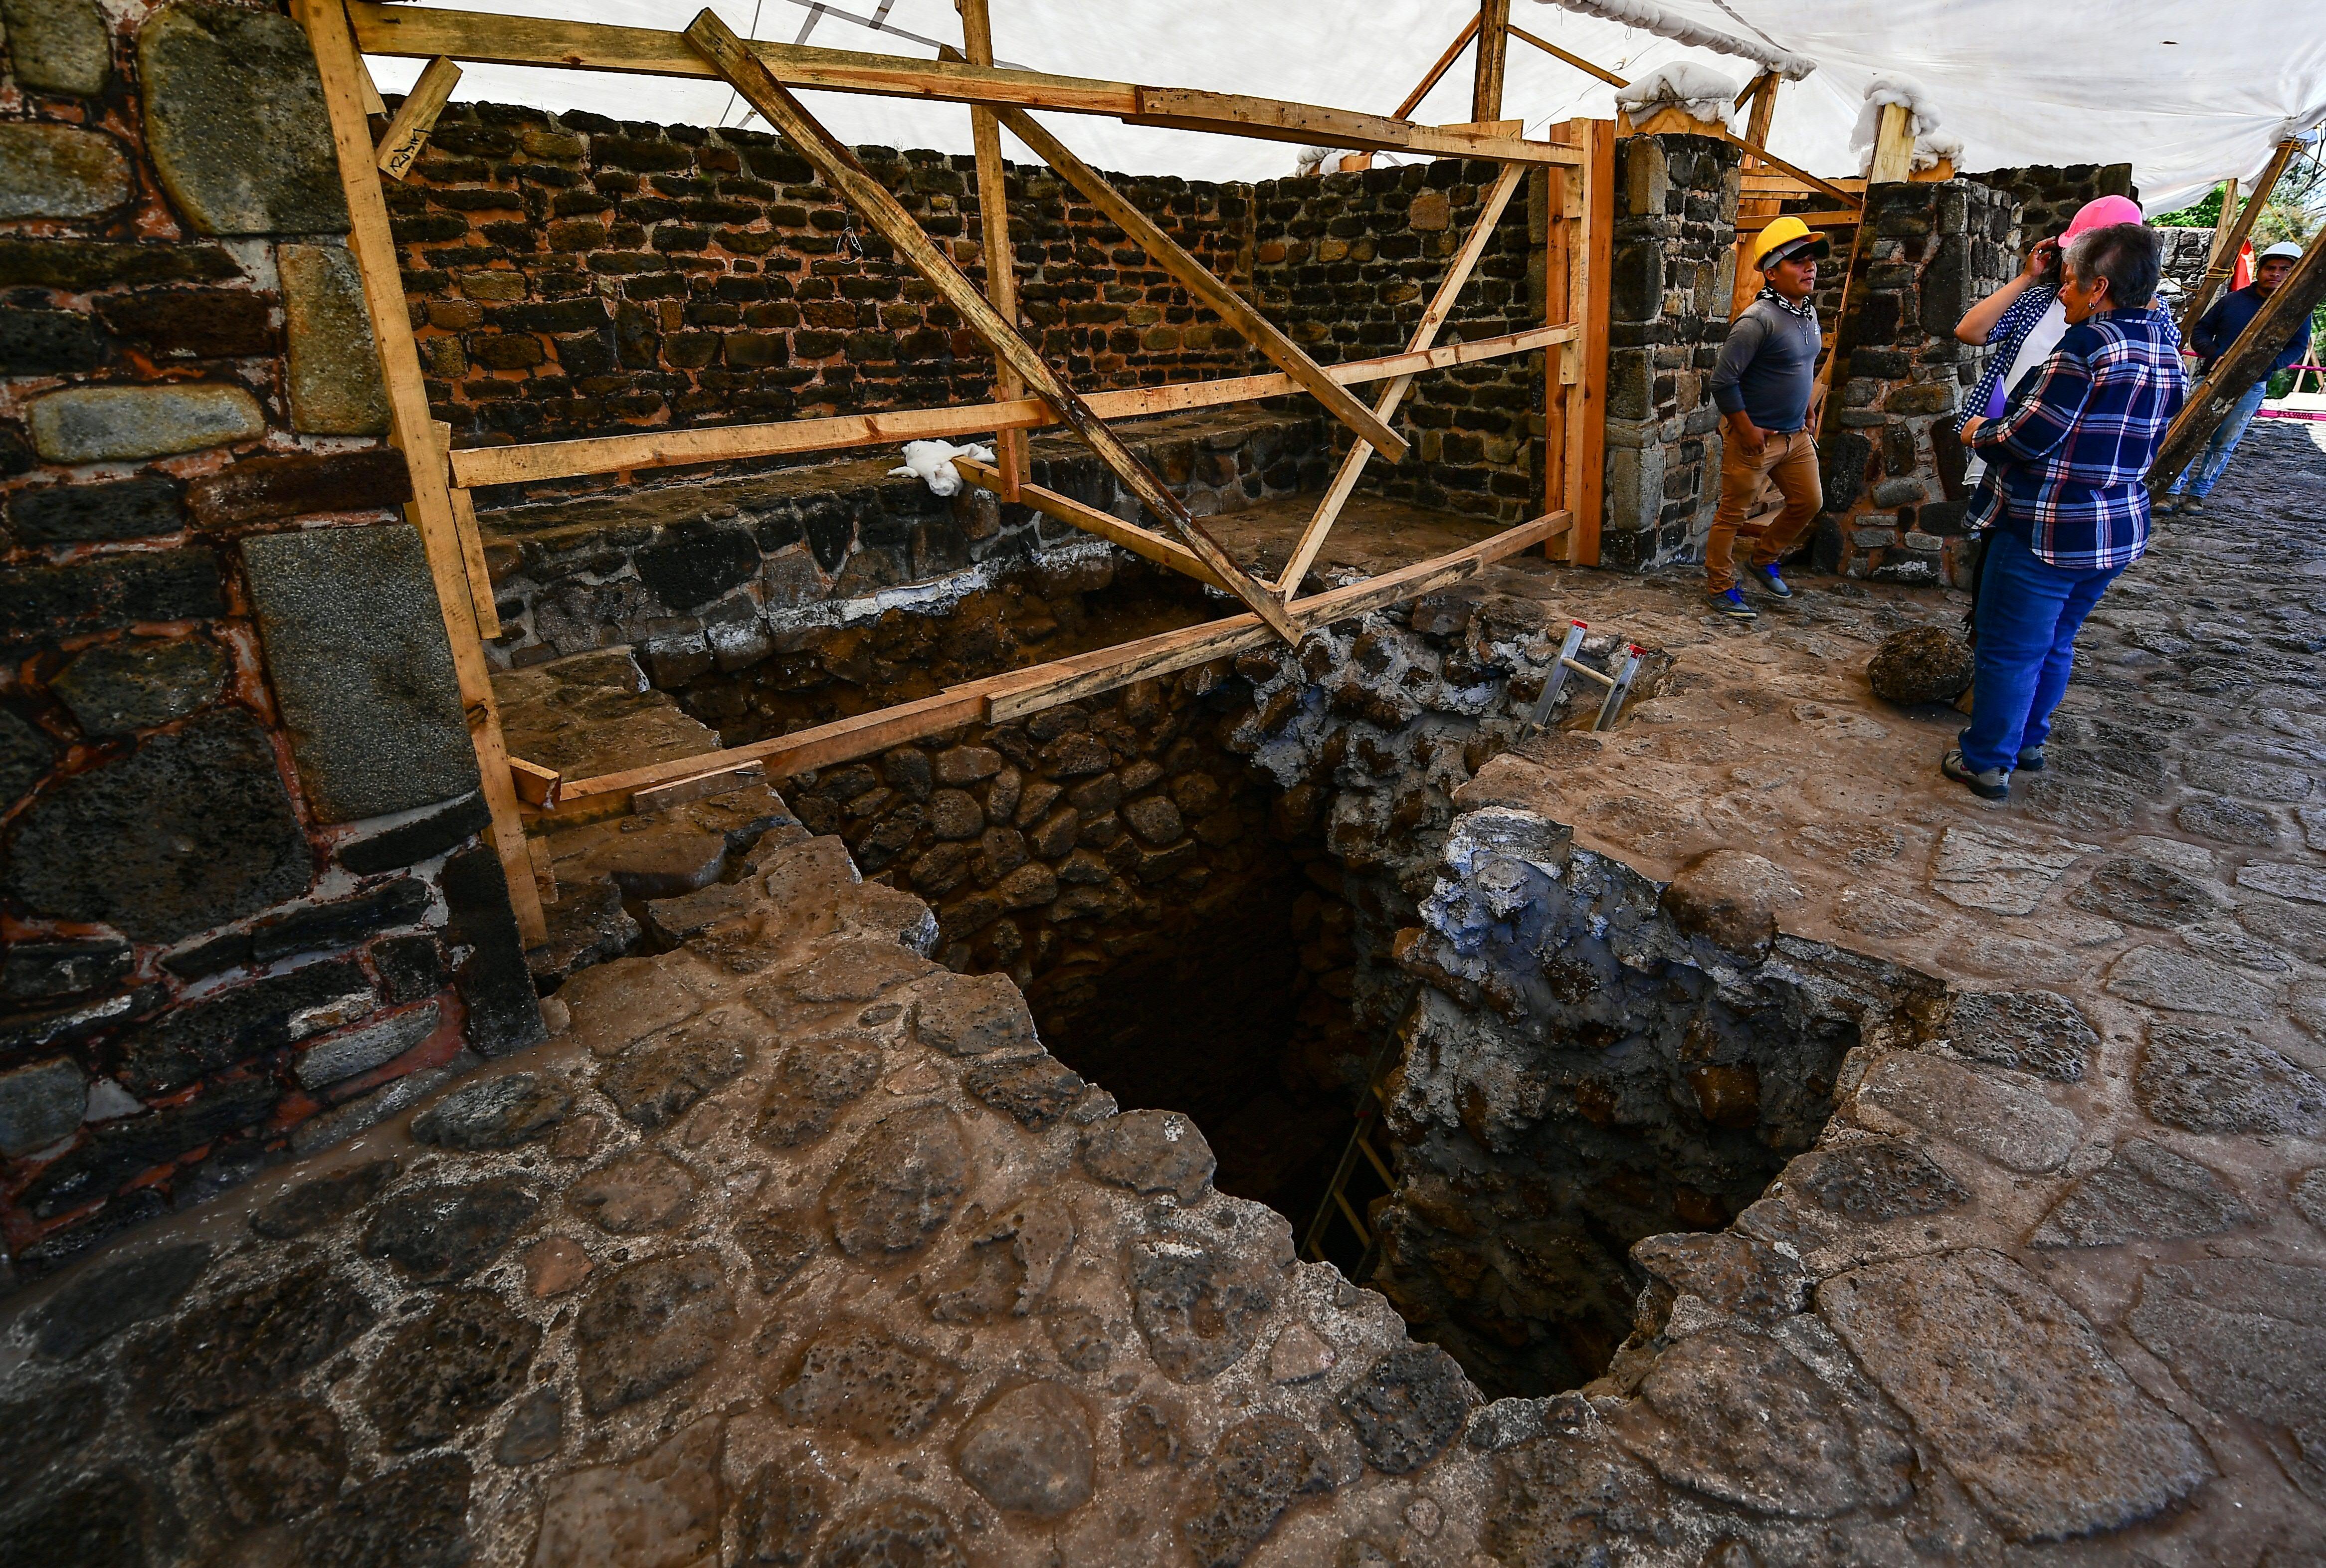 Esta estructura se estima es de alrededor del año 1150 de nuestra era, con lo que la historia cronológica de la pirámide de Teopanzolco, de unos 16 metros de altura, se recorre 240 años hacia atrás. (AFP / RONALDO SCHEMIDT)